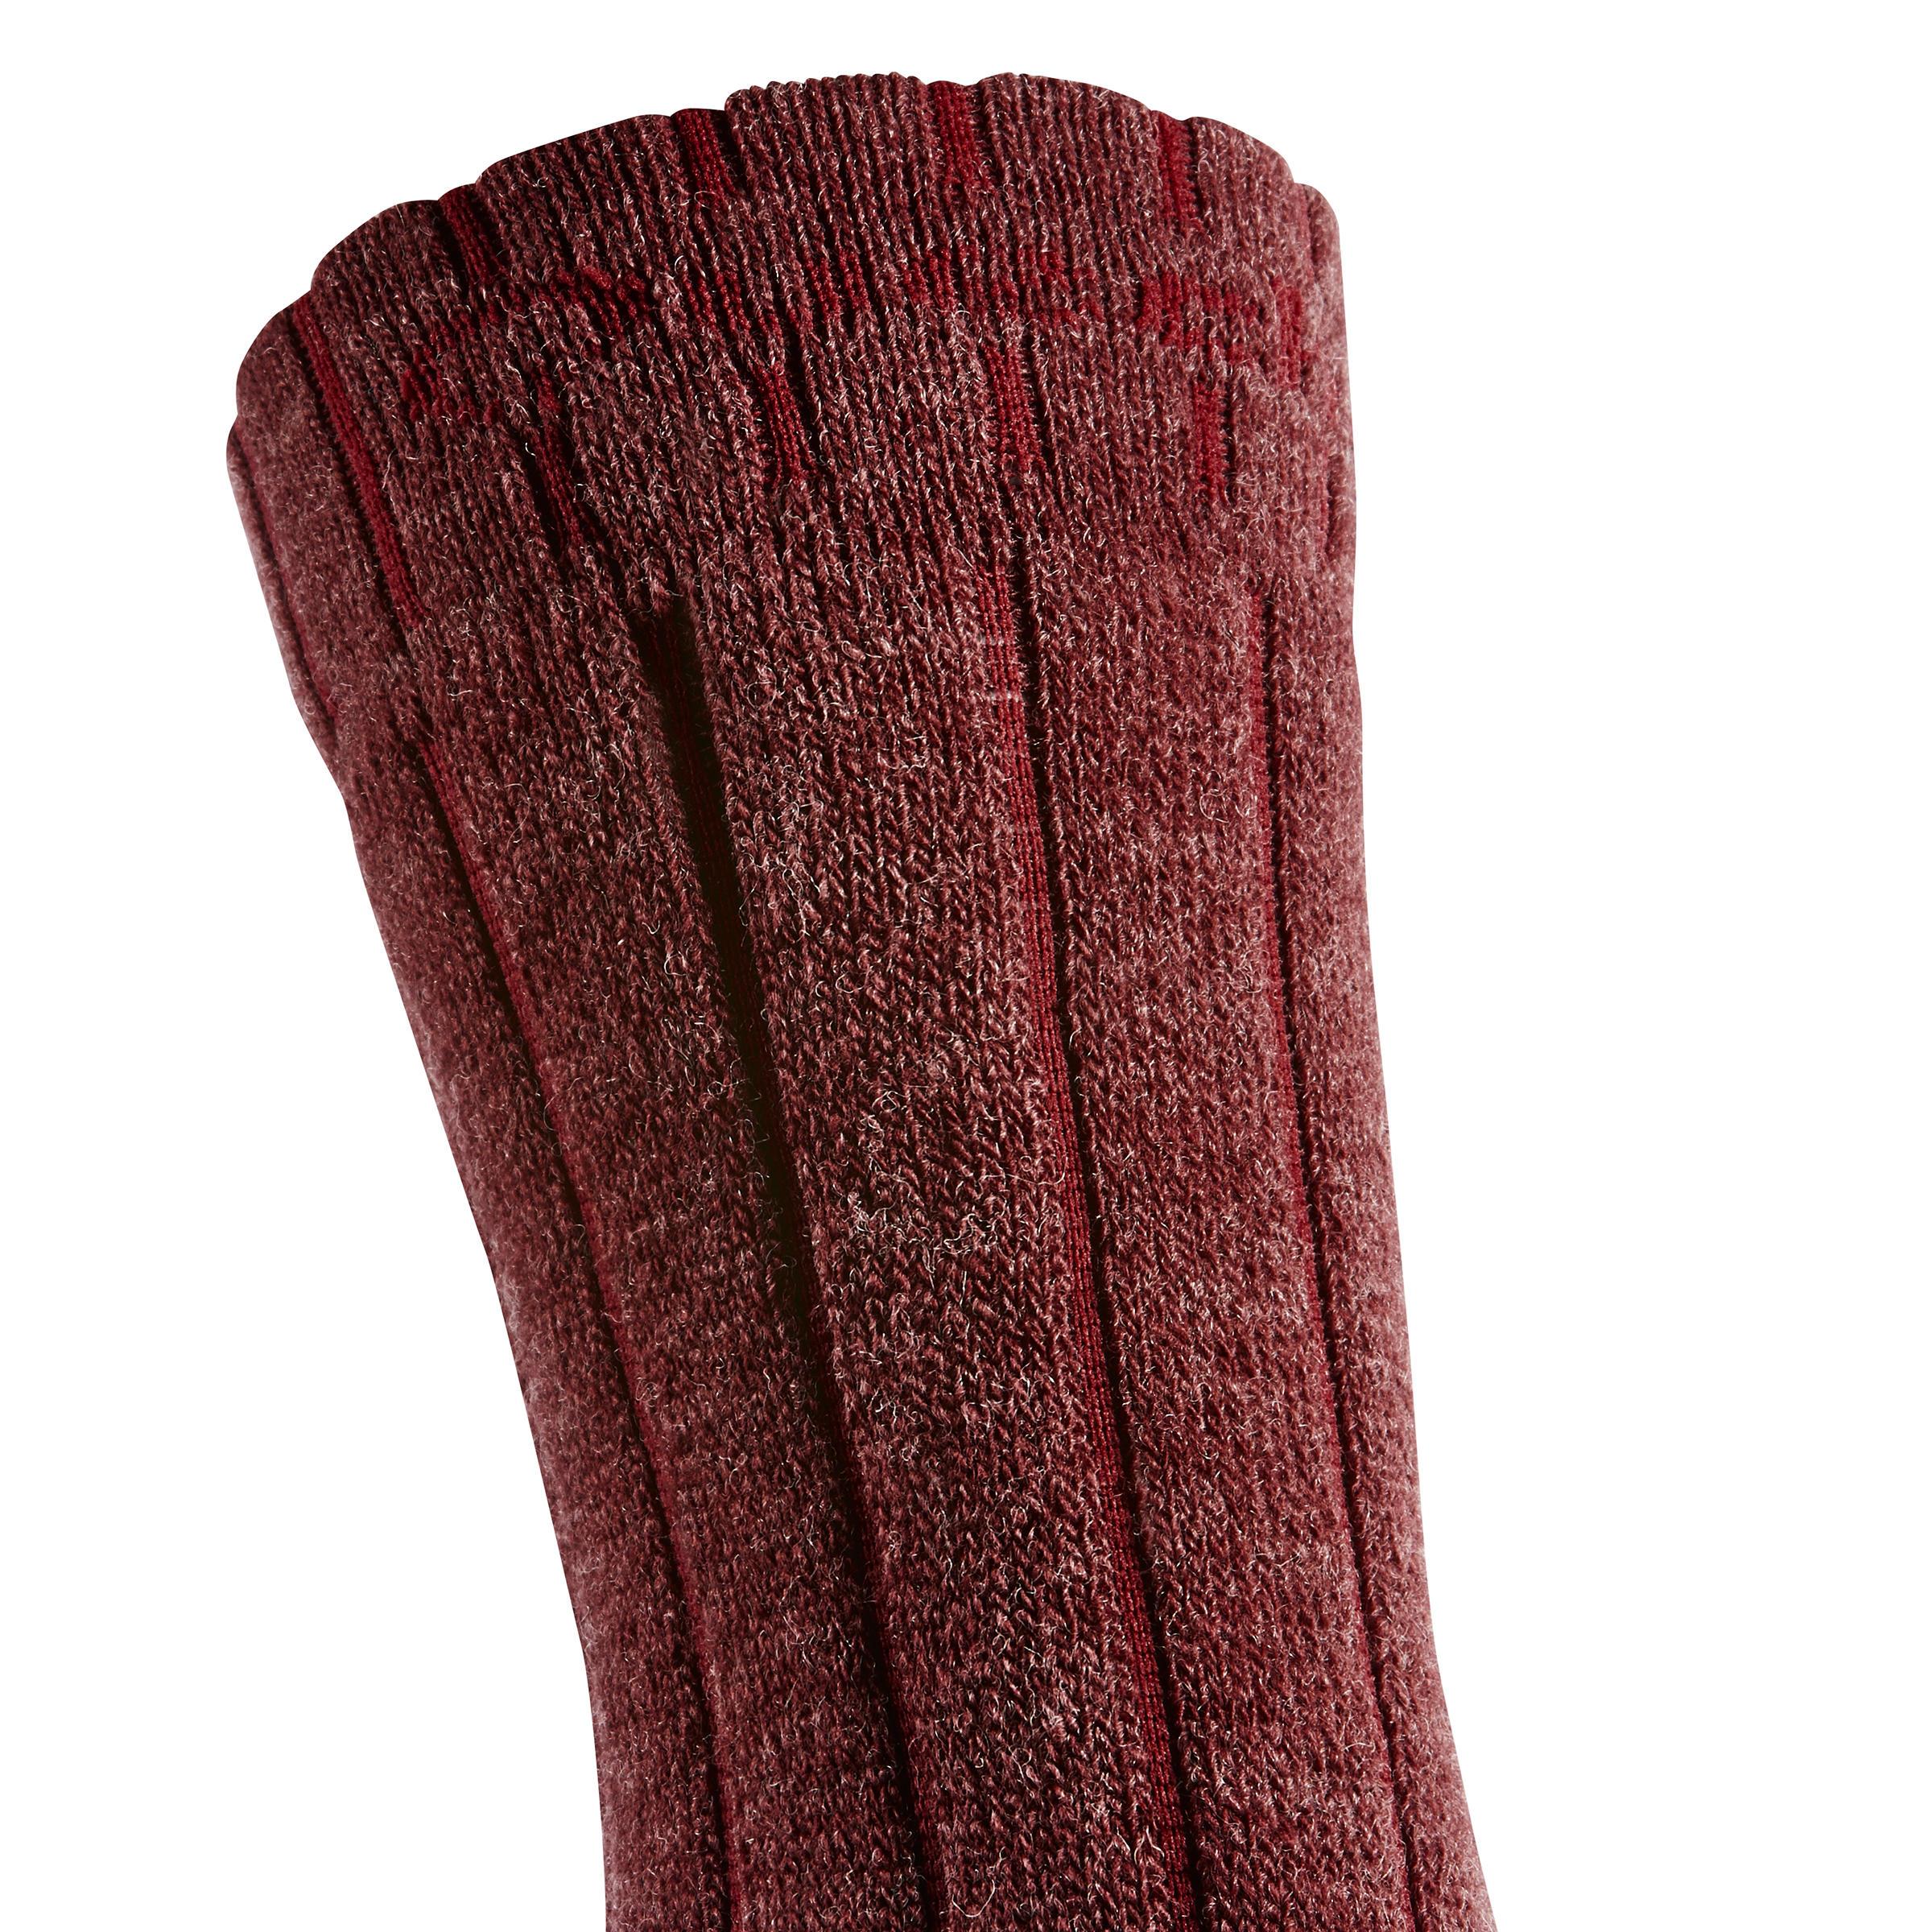 Chaussettes de randonnée neige adulte SH100 chaudes mi-hauteur bordeaux.